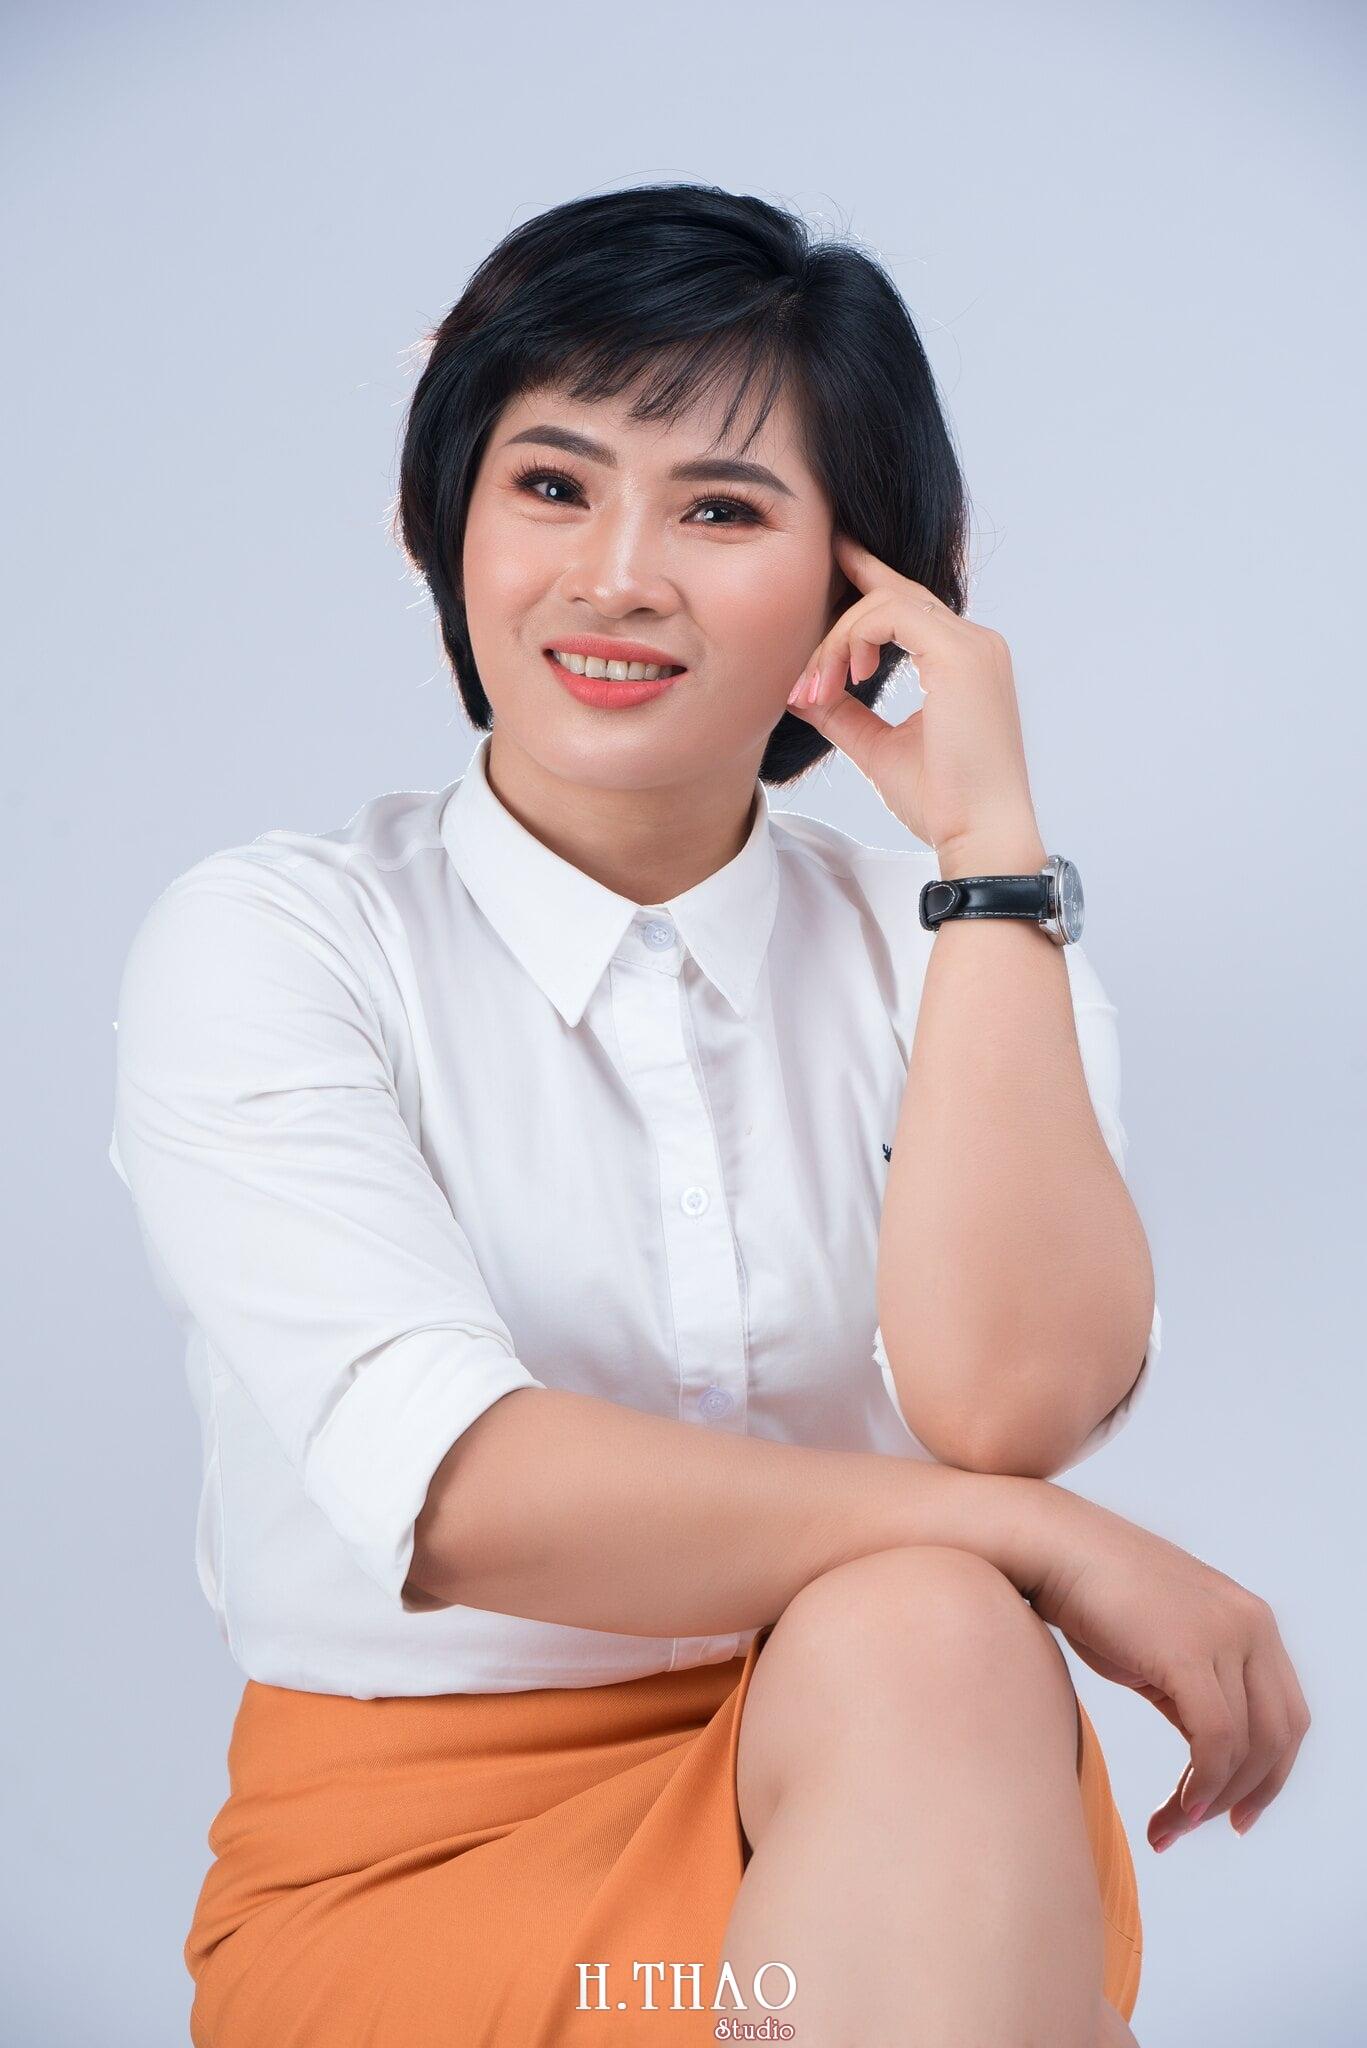 chan dung nghe nghiep 6 - Album ảnh profile cá nhân chị Ny Manulife - HThao Studio